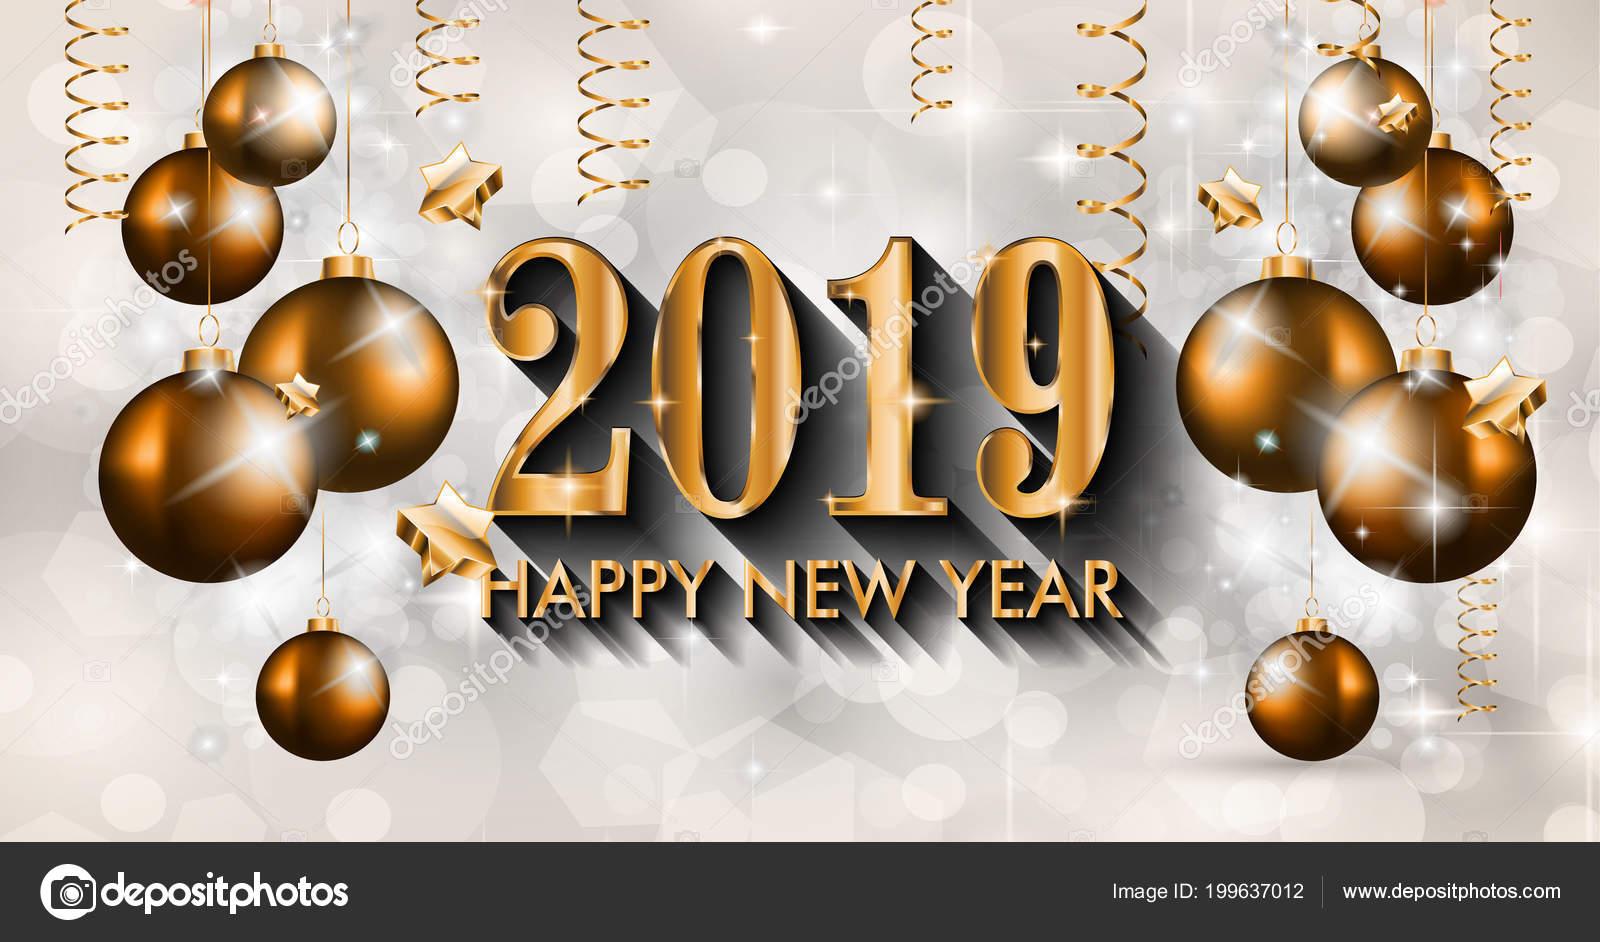 Descargar Felicitaciones De Navidad Y Ano Nuevo Gratis.2019 Feliz Ano Nuevo Fondo Para Tus Invitaciones Tematicas